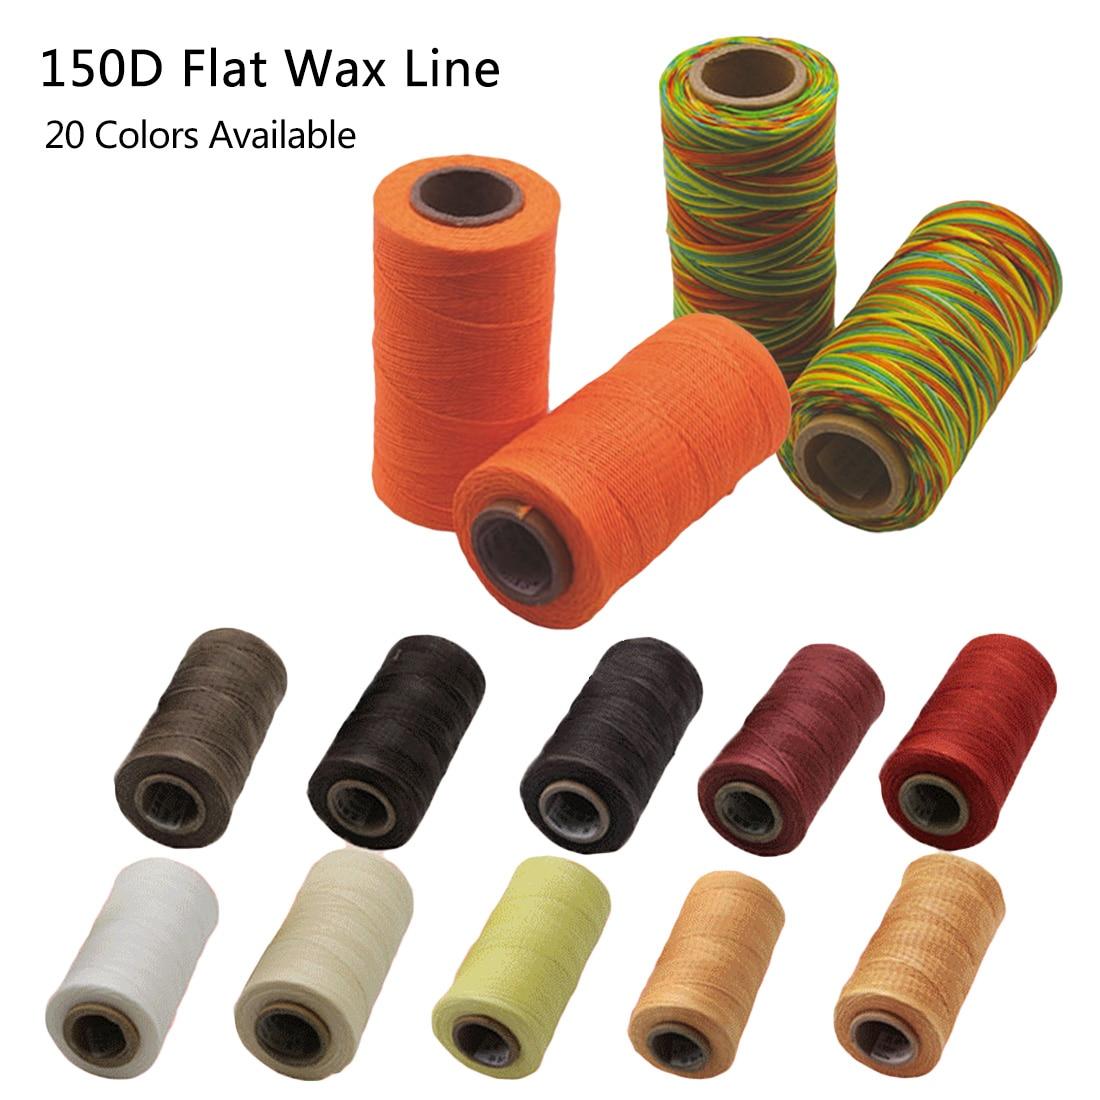 Инструменты для шитья кожи, ручная работа, плоская швейная Вощеная линия, сделай сам, нить для шитья кожи, 150D, 50 м/рулон